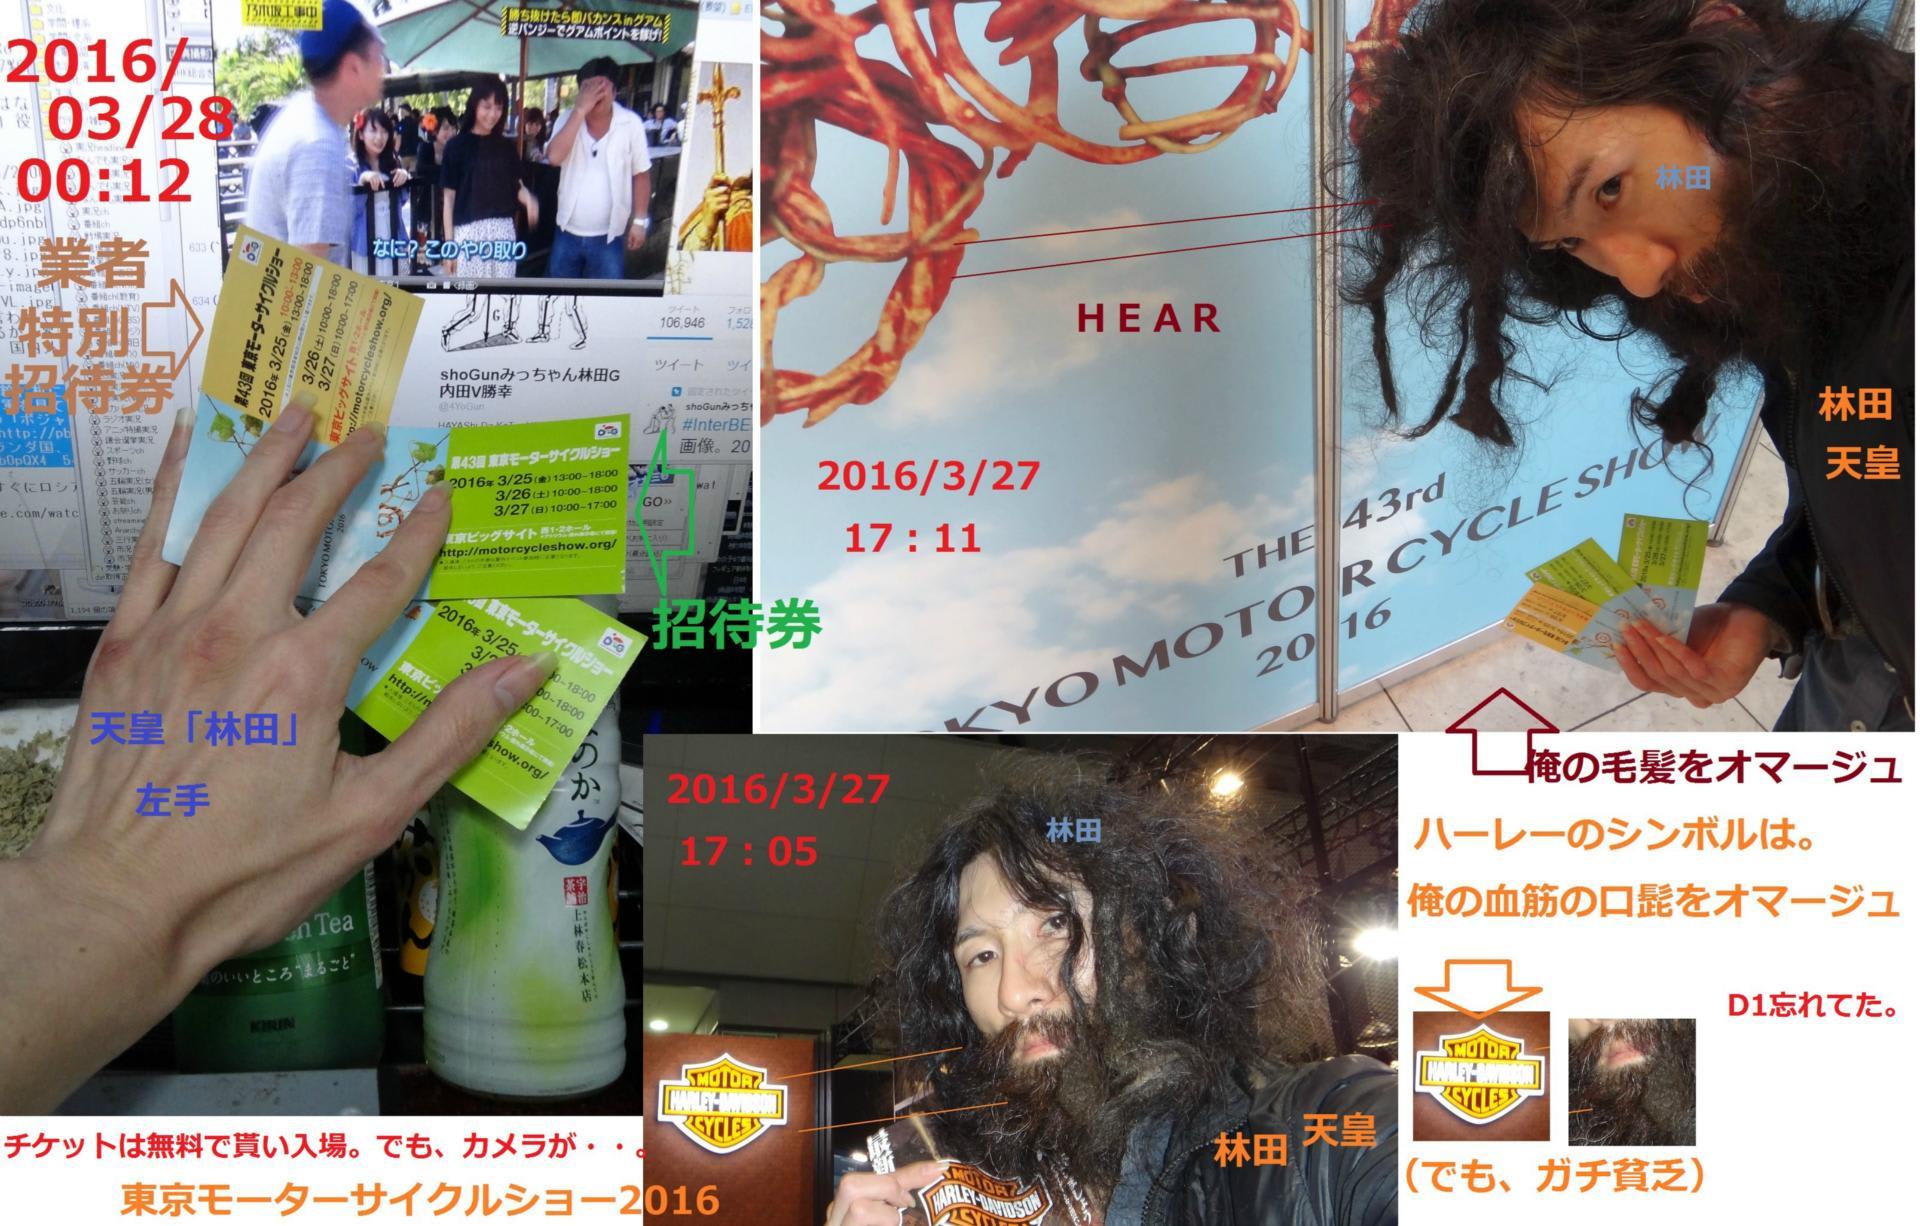 東京 モーターサイクルショー 大阪3 [無断転載禁止]©2ch.netYouTube動画>1本 ->画像>473枚